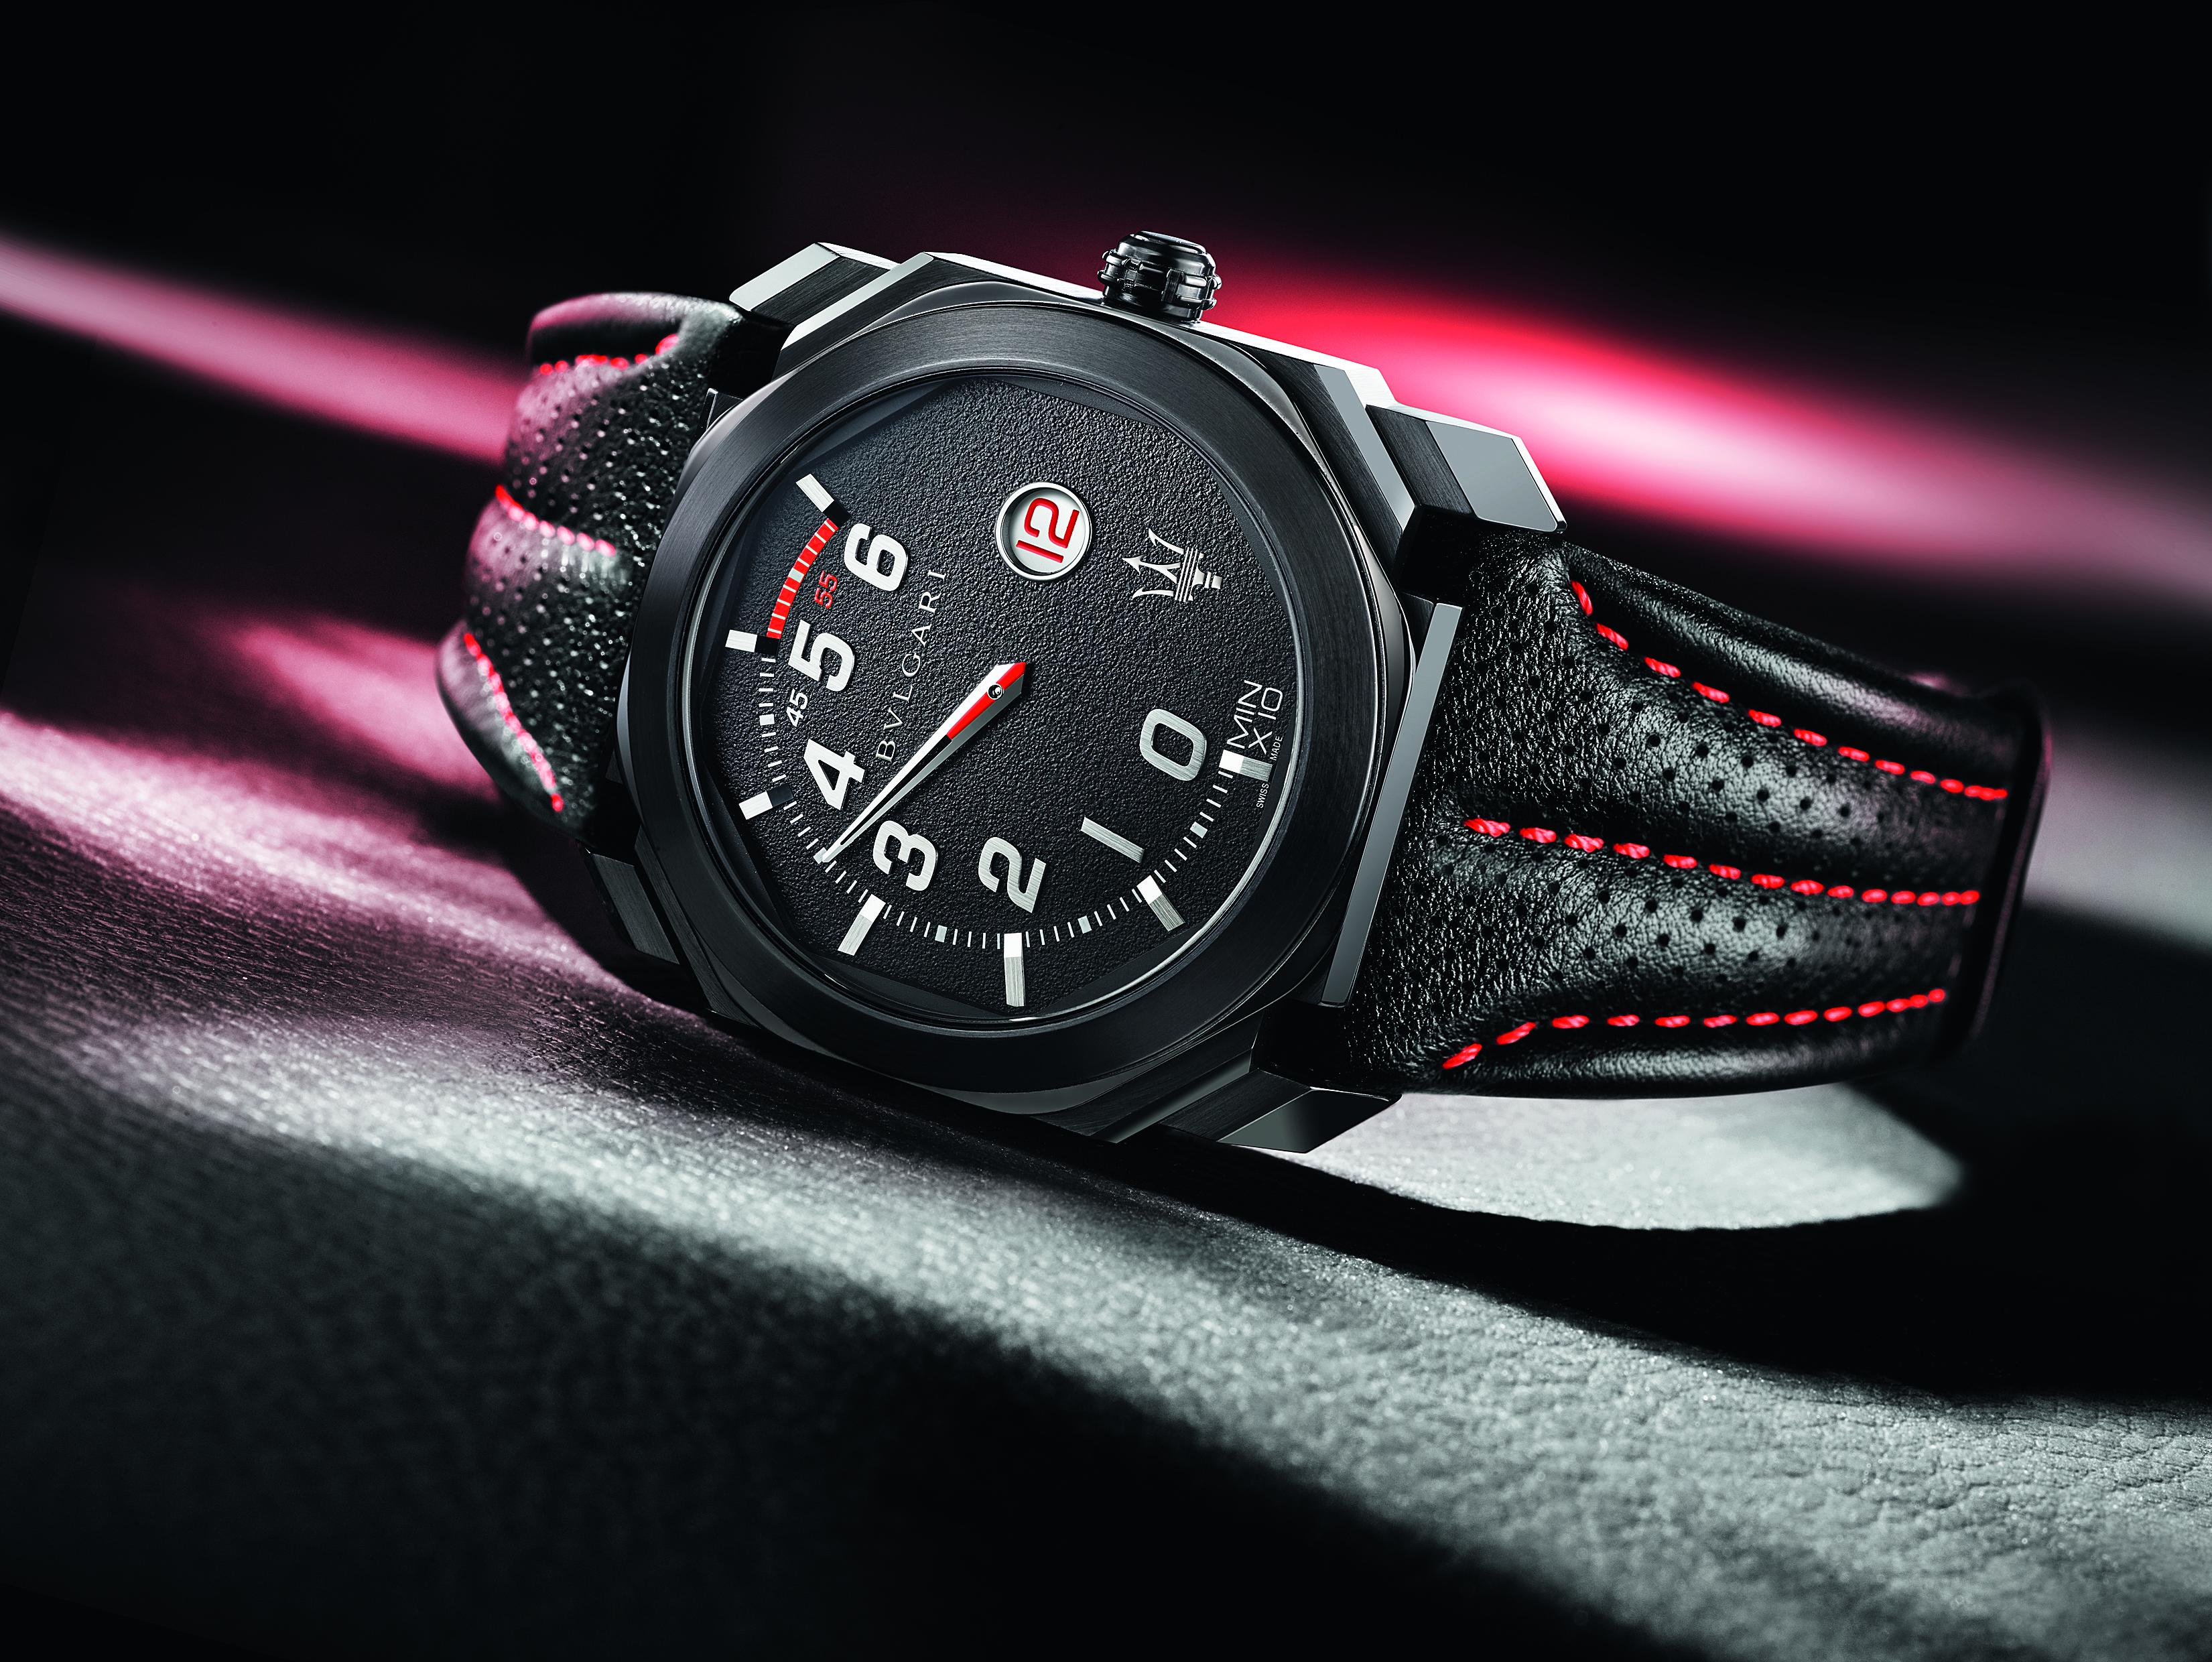 ... y Octo Maserati GranLusso  los dos nuevos relojes de Bulgari que  vuelven a lucir en su esfera el tridente 5b89bd330511